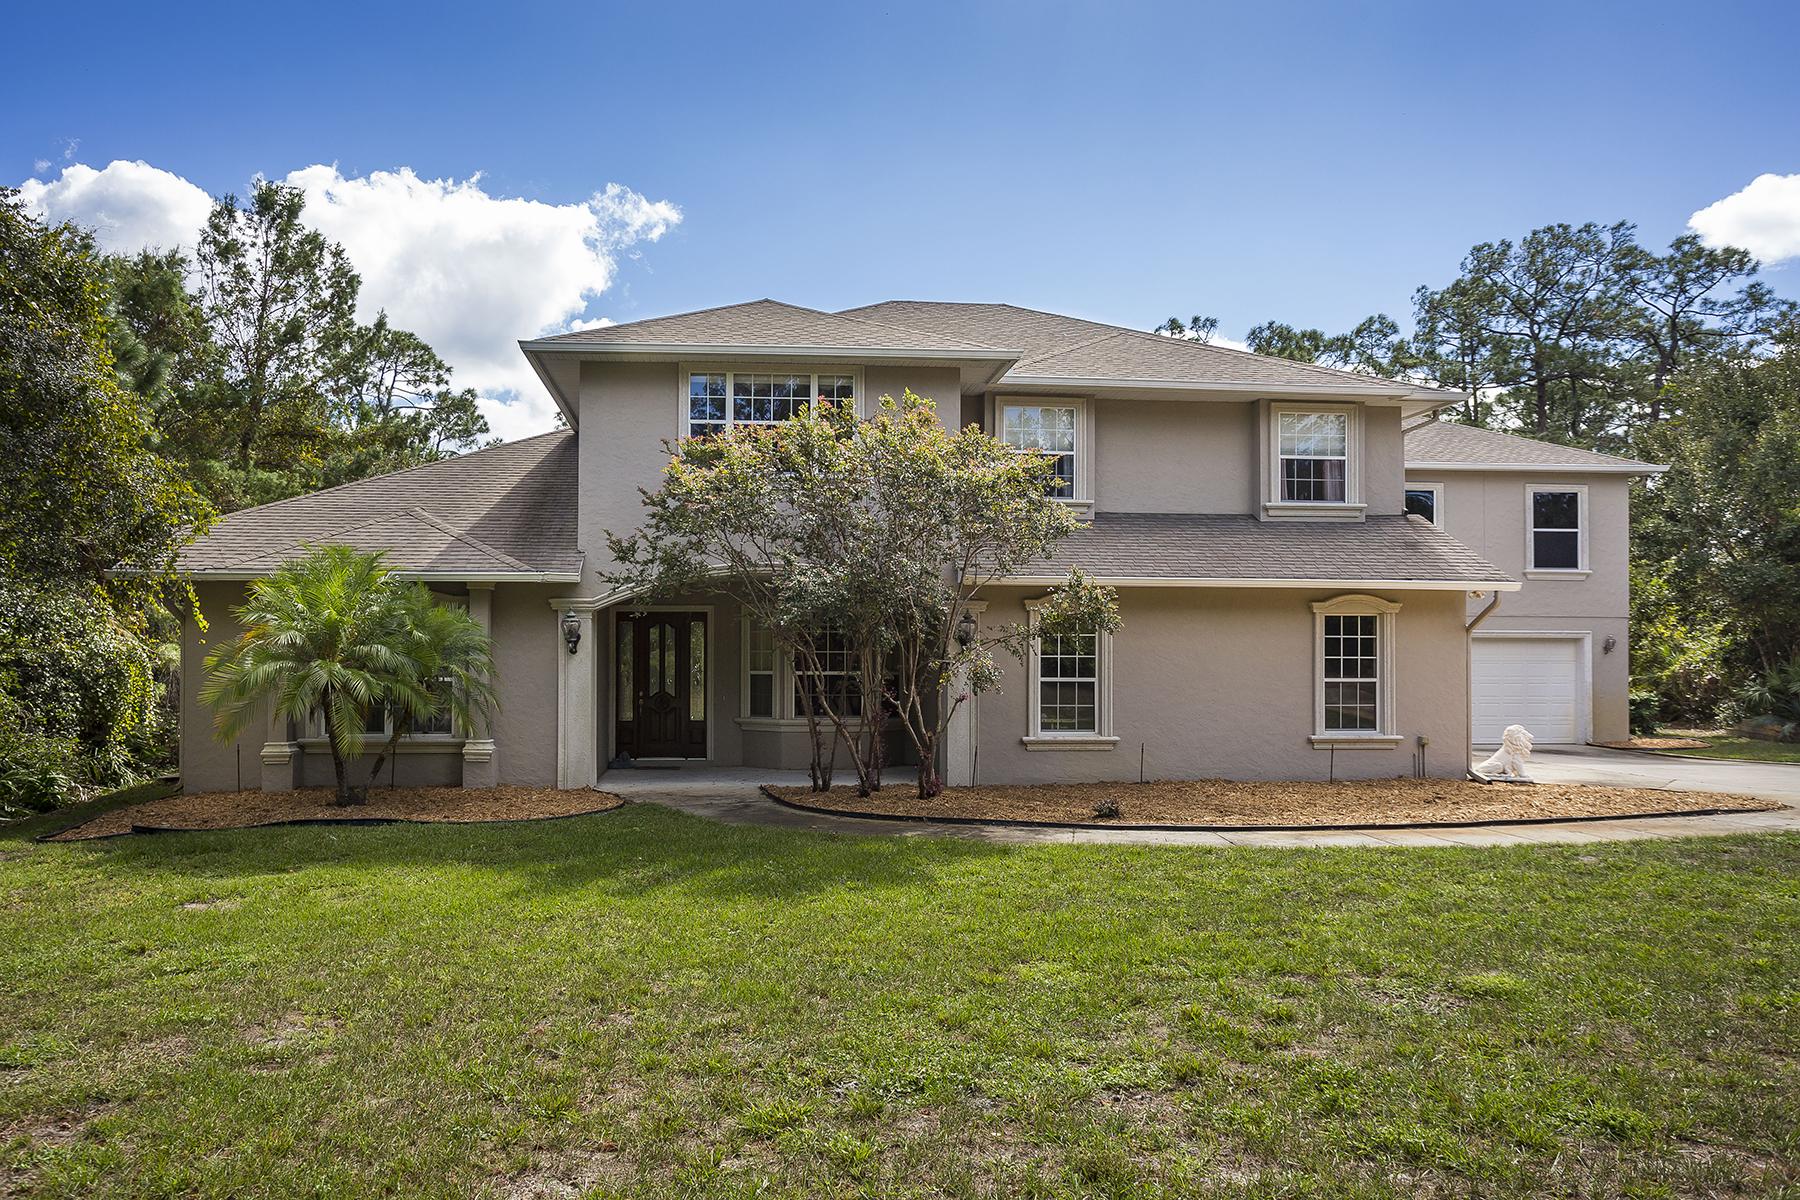 Частный односемейный дом для того Продажа на ORLANDO - GENEVA 1136 Apache Dr Geneva, Флорида, 32732 Соединенные Штаты